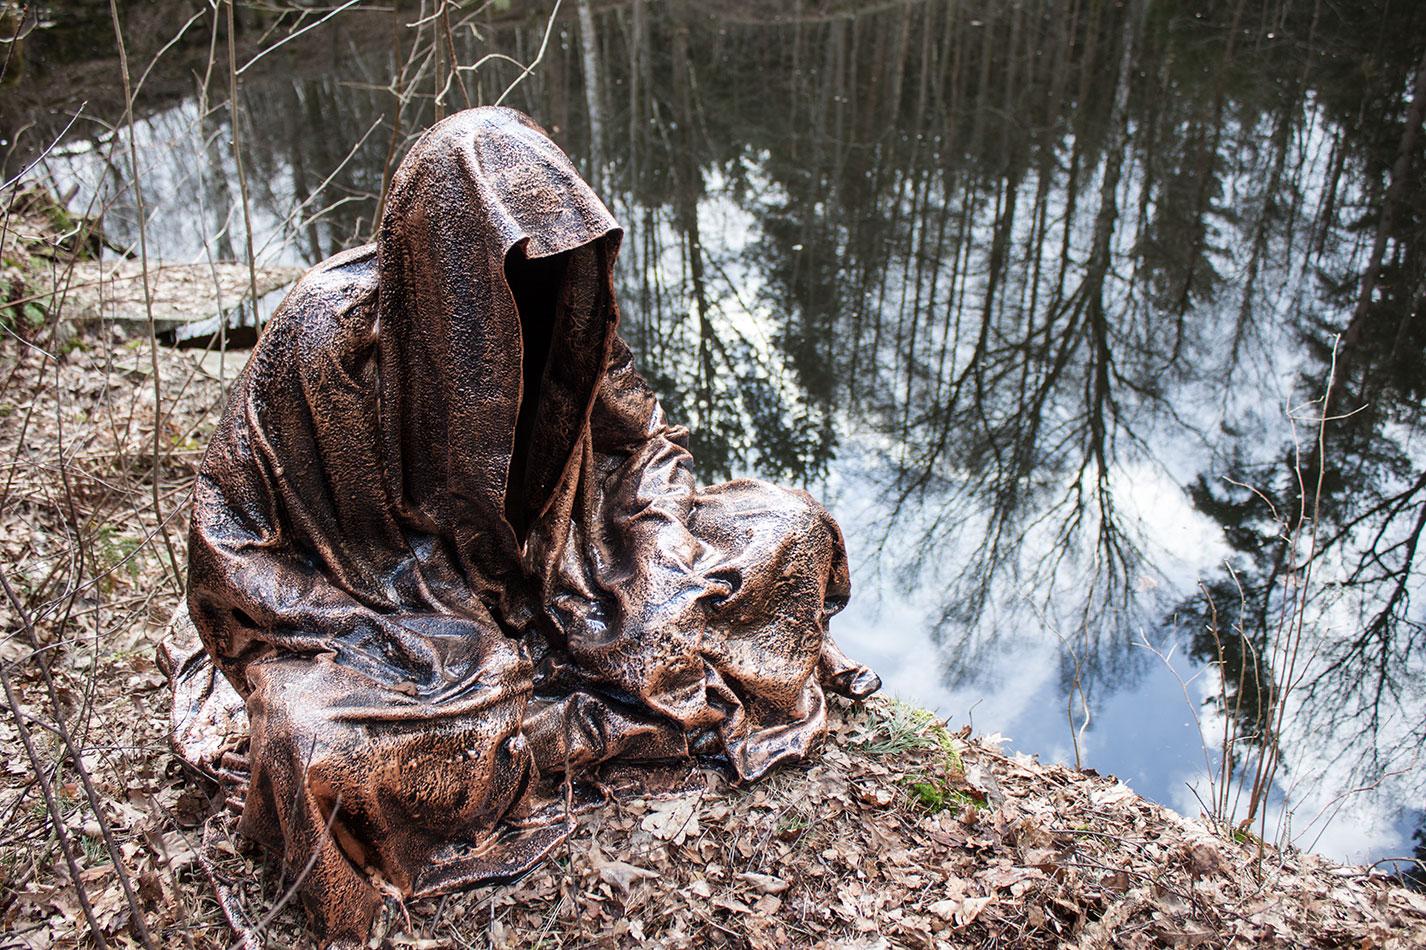 steinbruch-stone-querry-schrems-waldviertel-austria-water-reflection-guardians-of-time-manfred-kielnhofer-8538